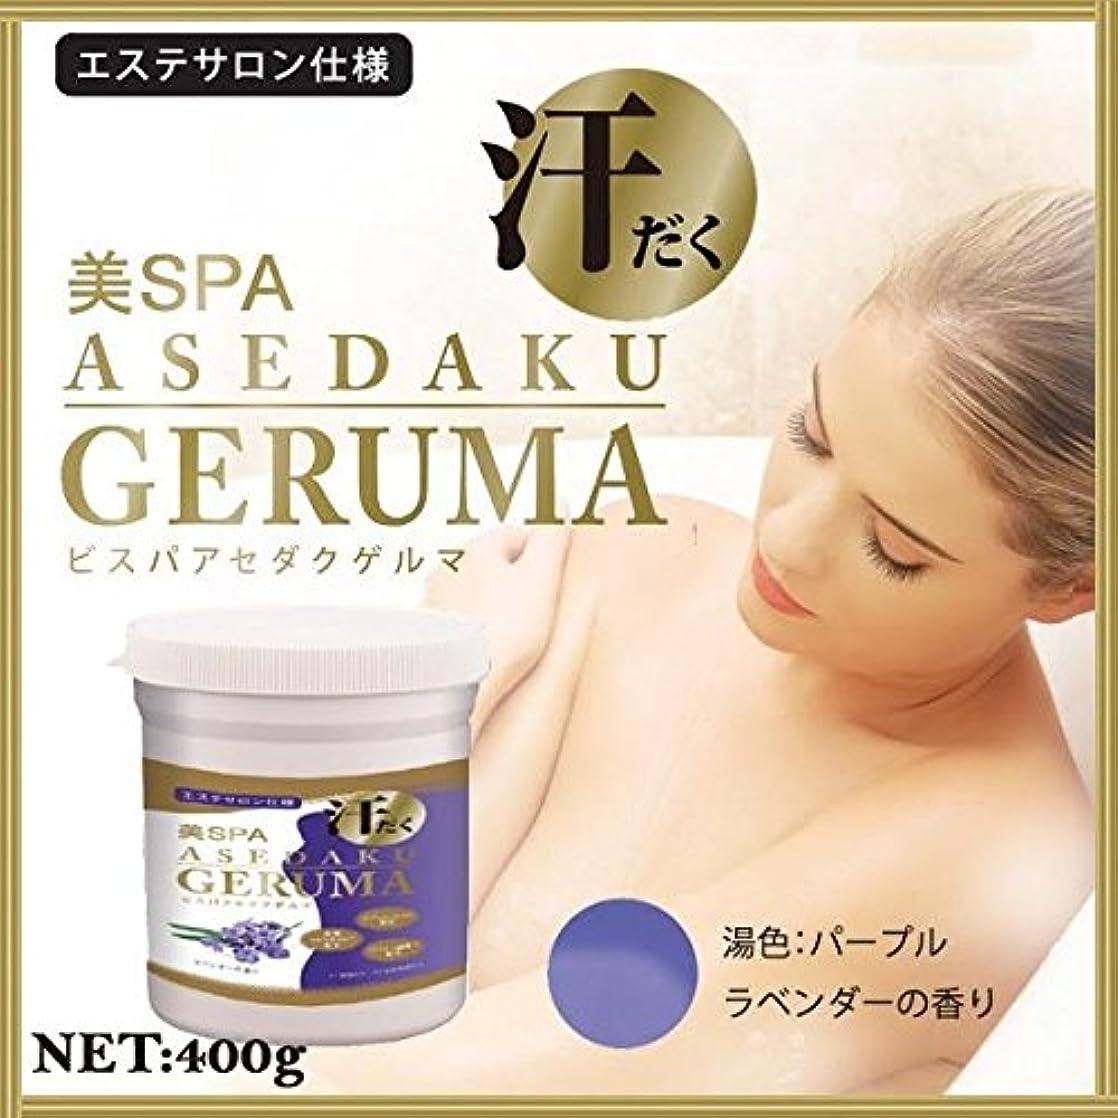 ルーフクローゼットデザートゲルマニウム入浴料 美SPA ASEDAKU GERUMA ラベンダー ボトル 400g